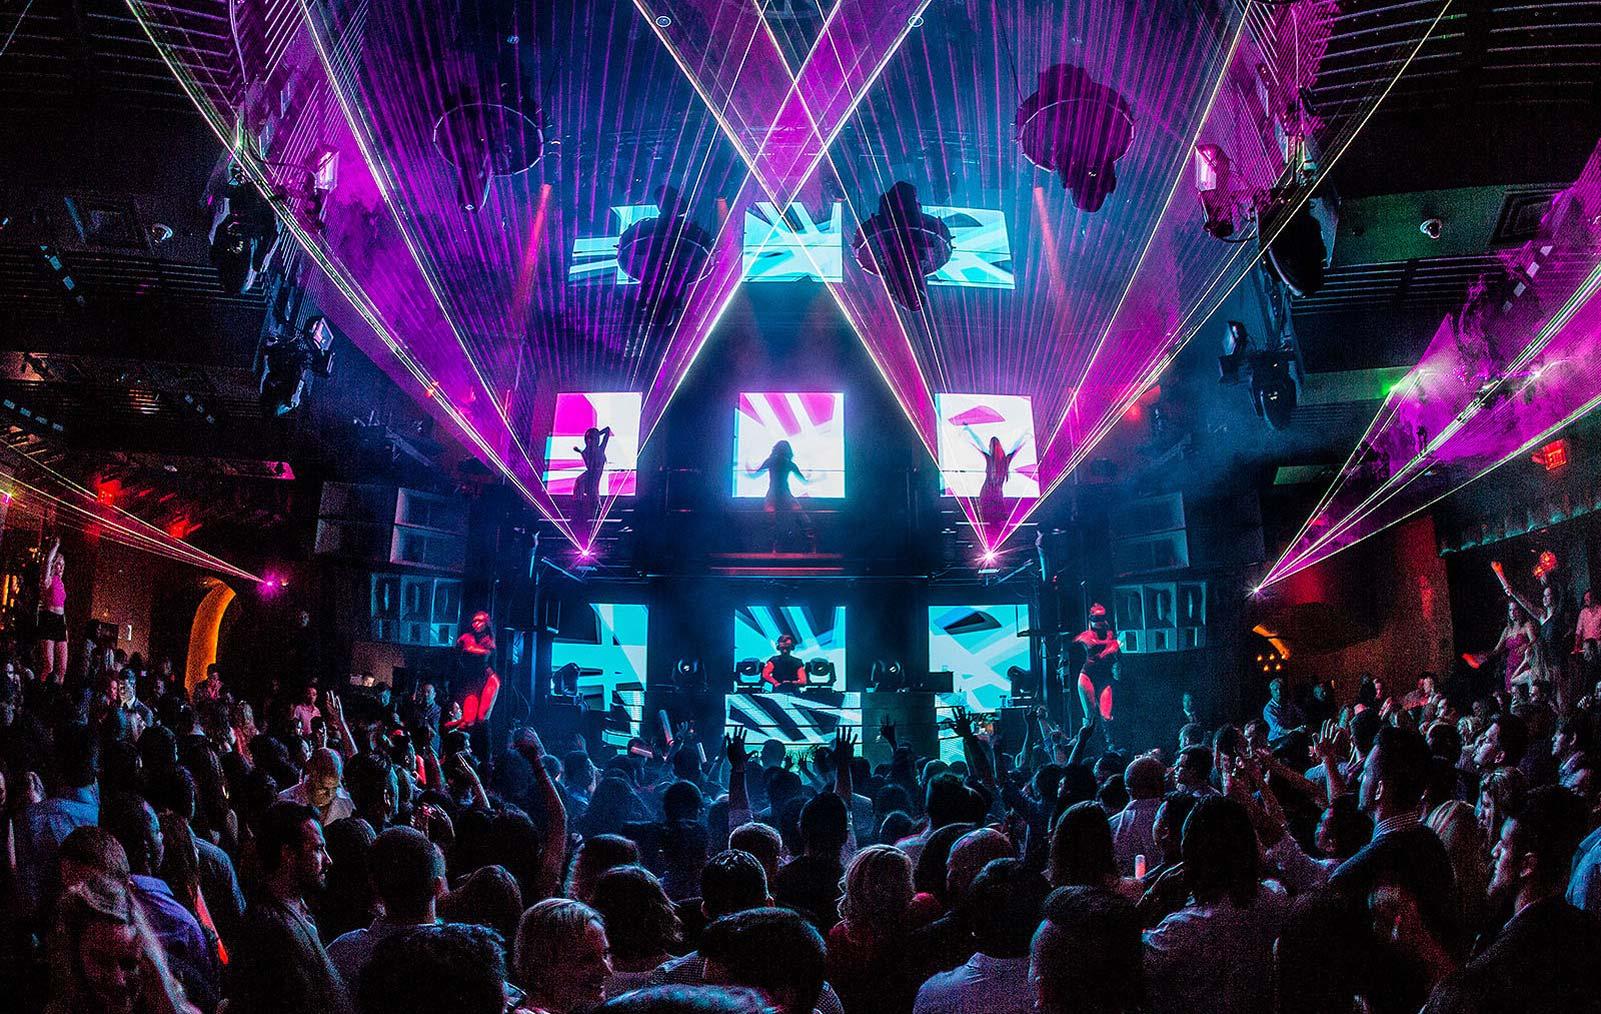 80s Car Wallpaper Cosmopolitan Las Vegas Nightclub Cosmopolitan Las Vegas Bars